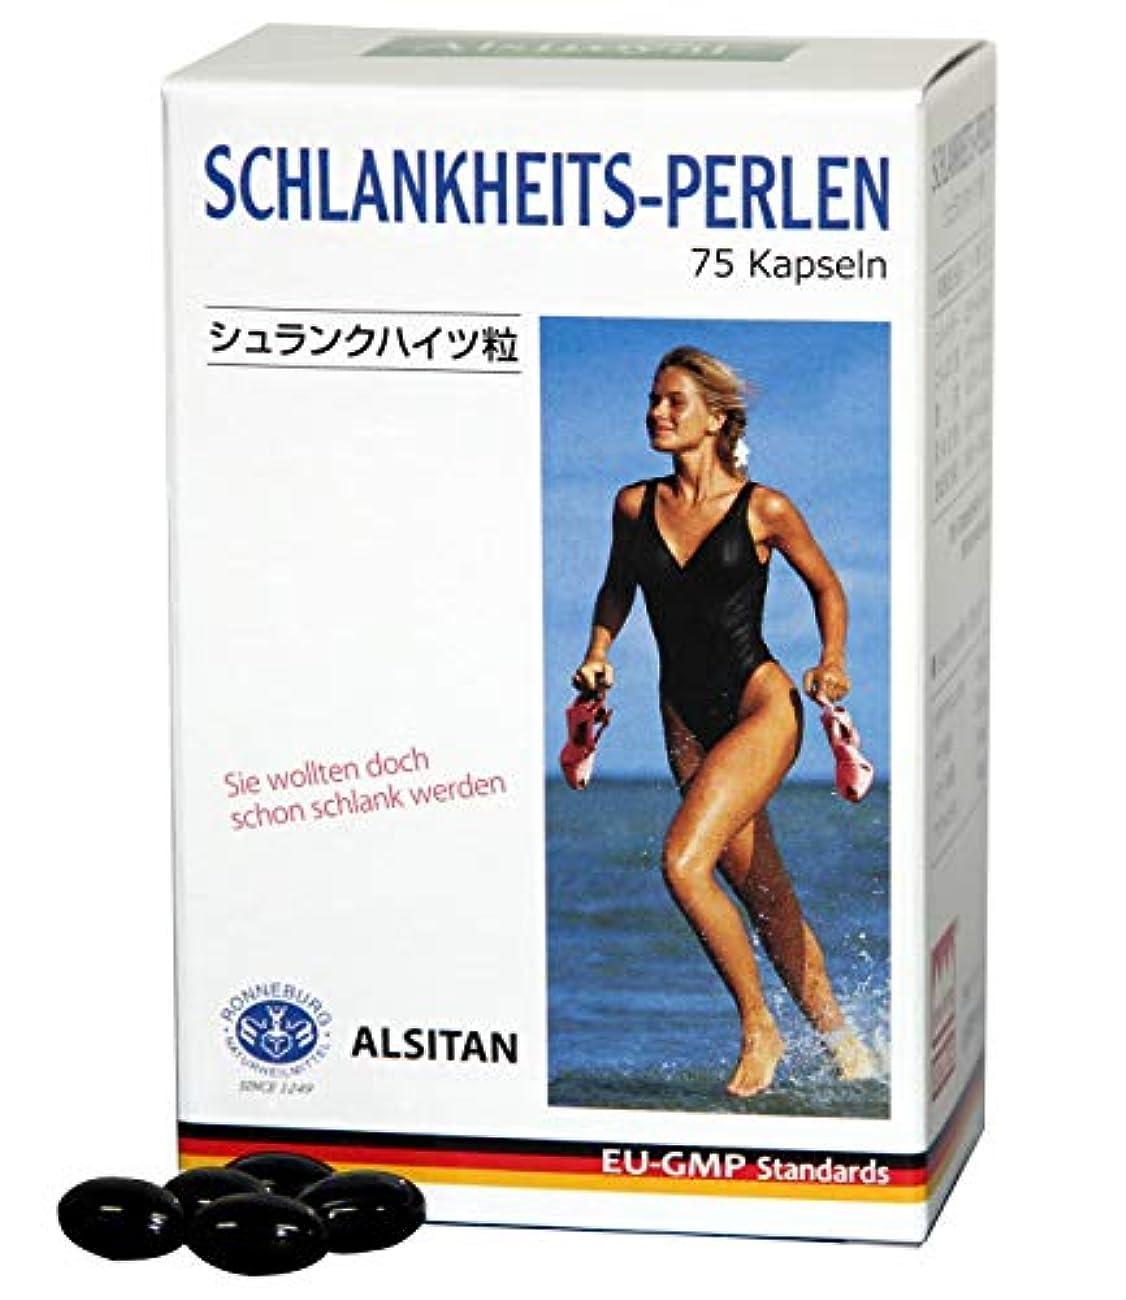 アナログ視線練習シュランクハイツ粒 ダイエットサプリメント 2箱セット 150粒 増量新箱